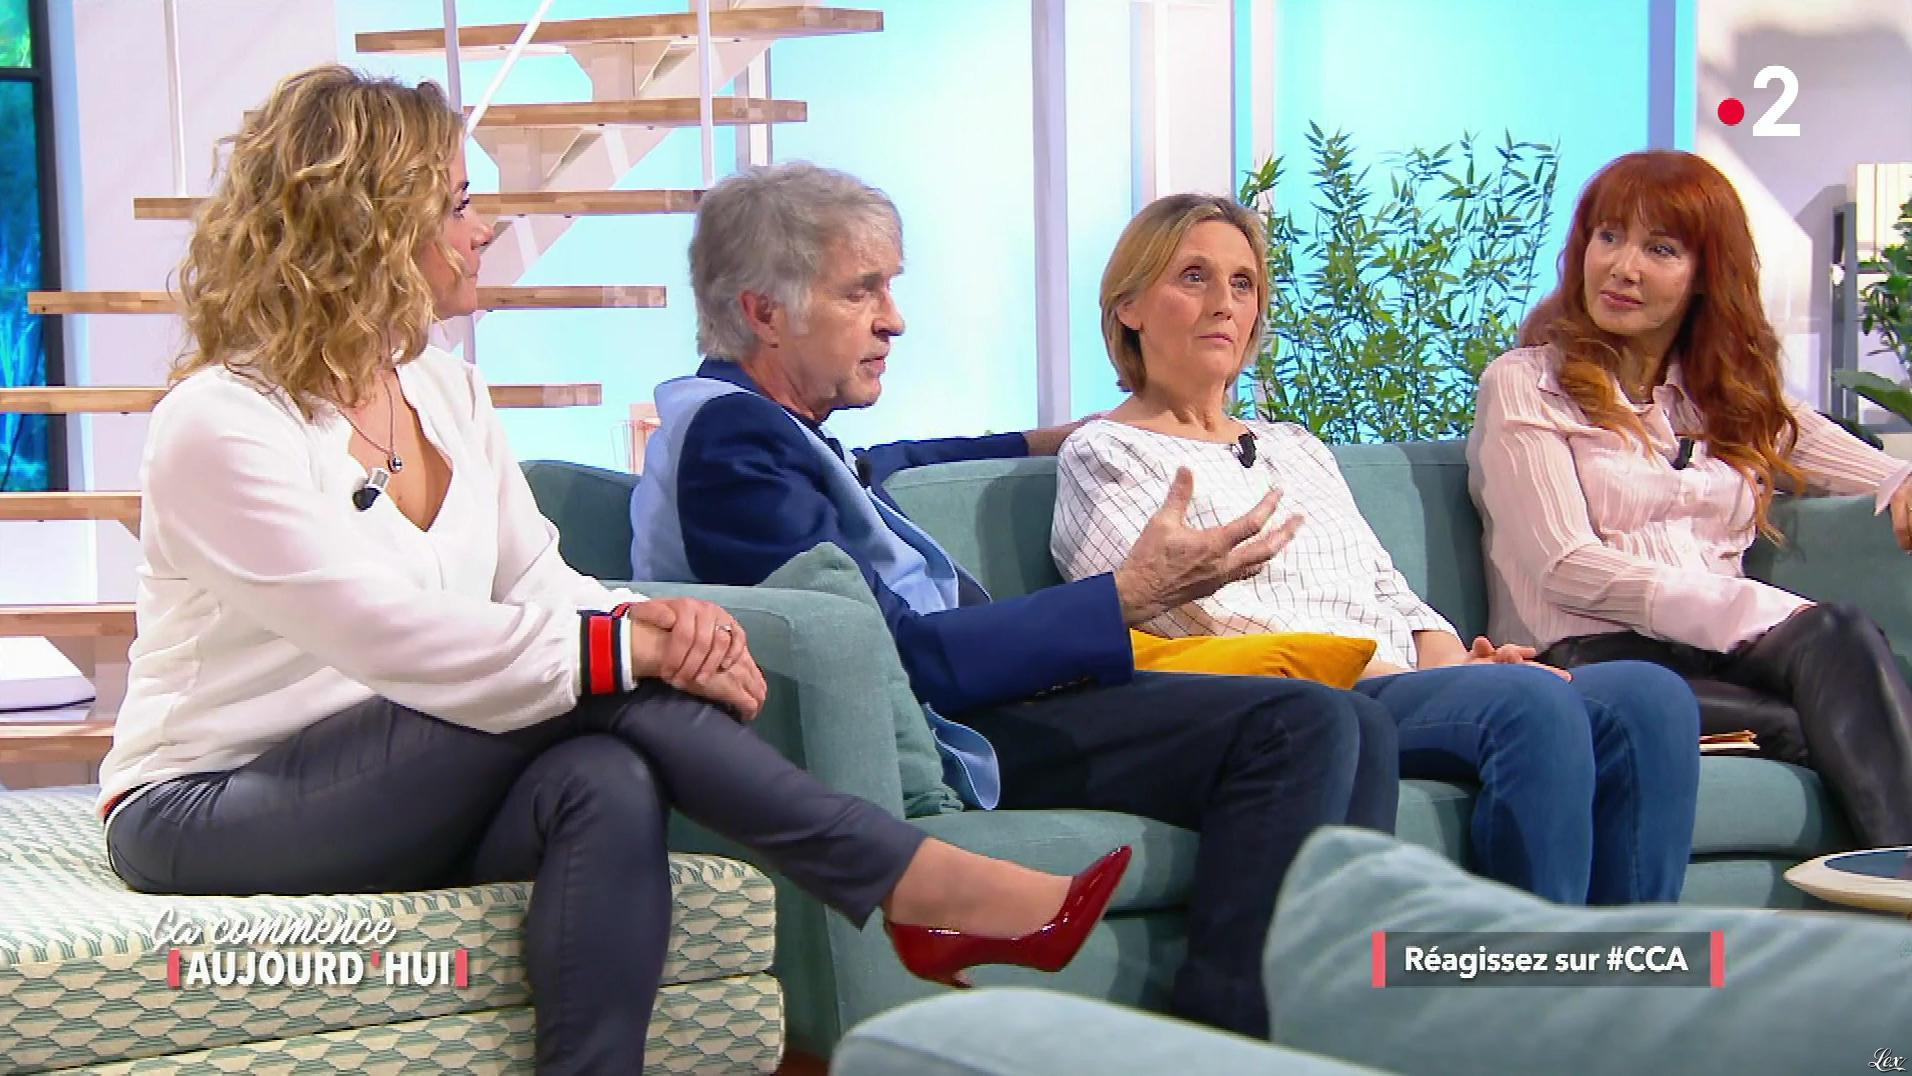 Christele Albaret et une Inconnue dans Ça Commence Aujourd'hui. Diffusé à la télévision le 04/04/18.